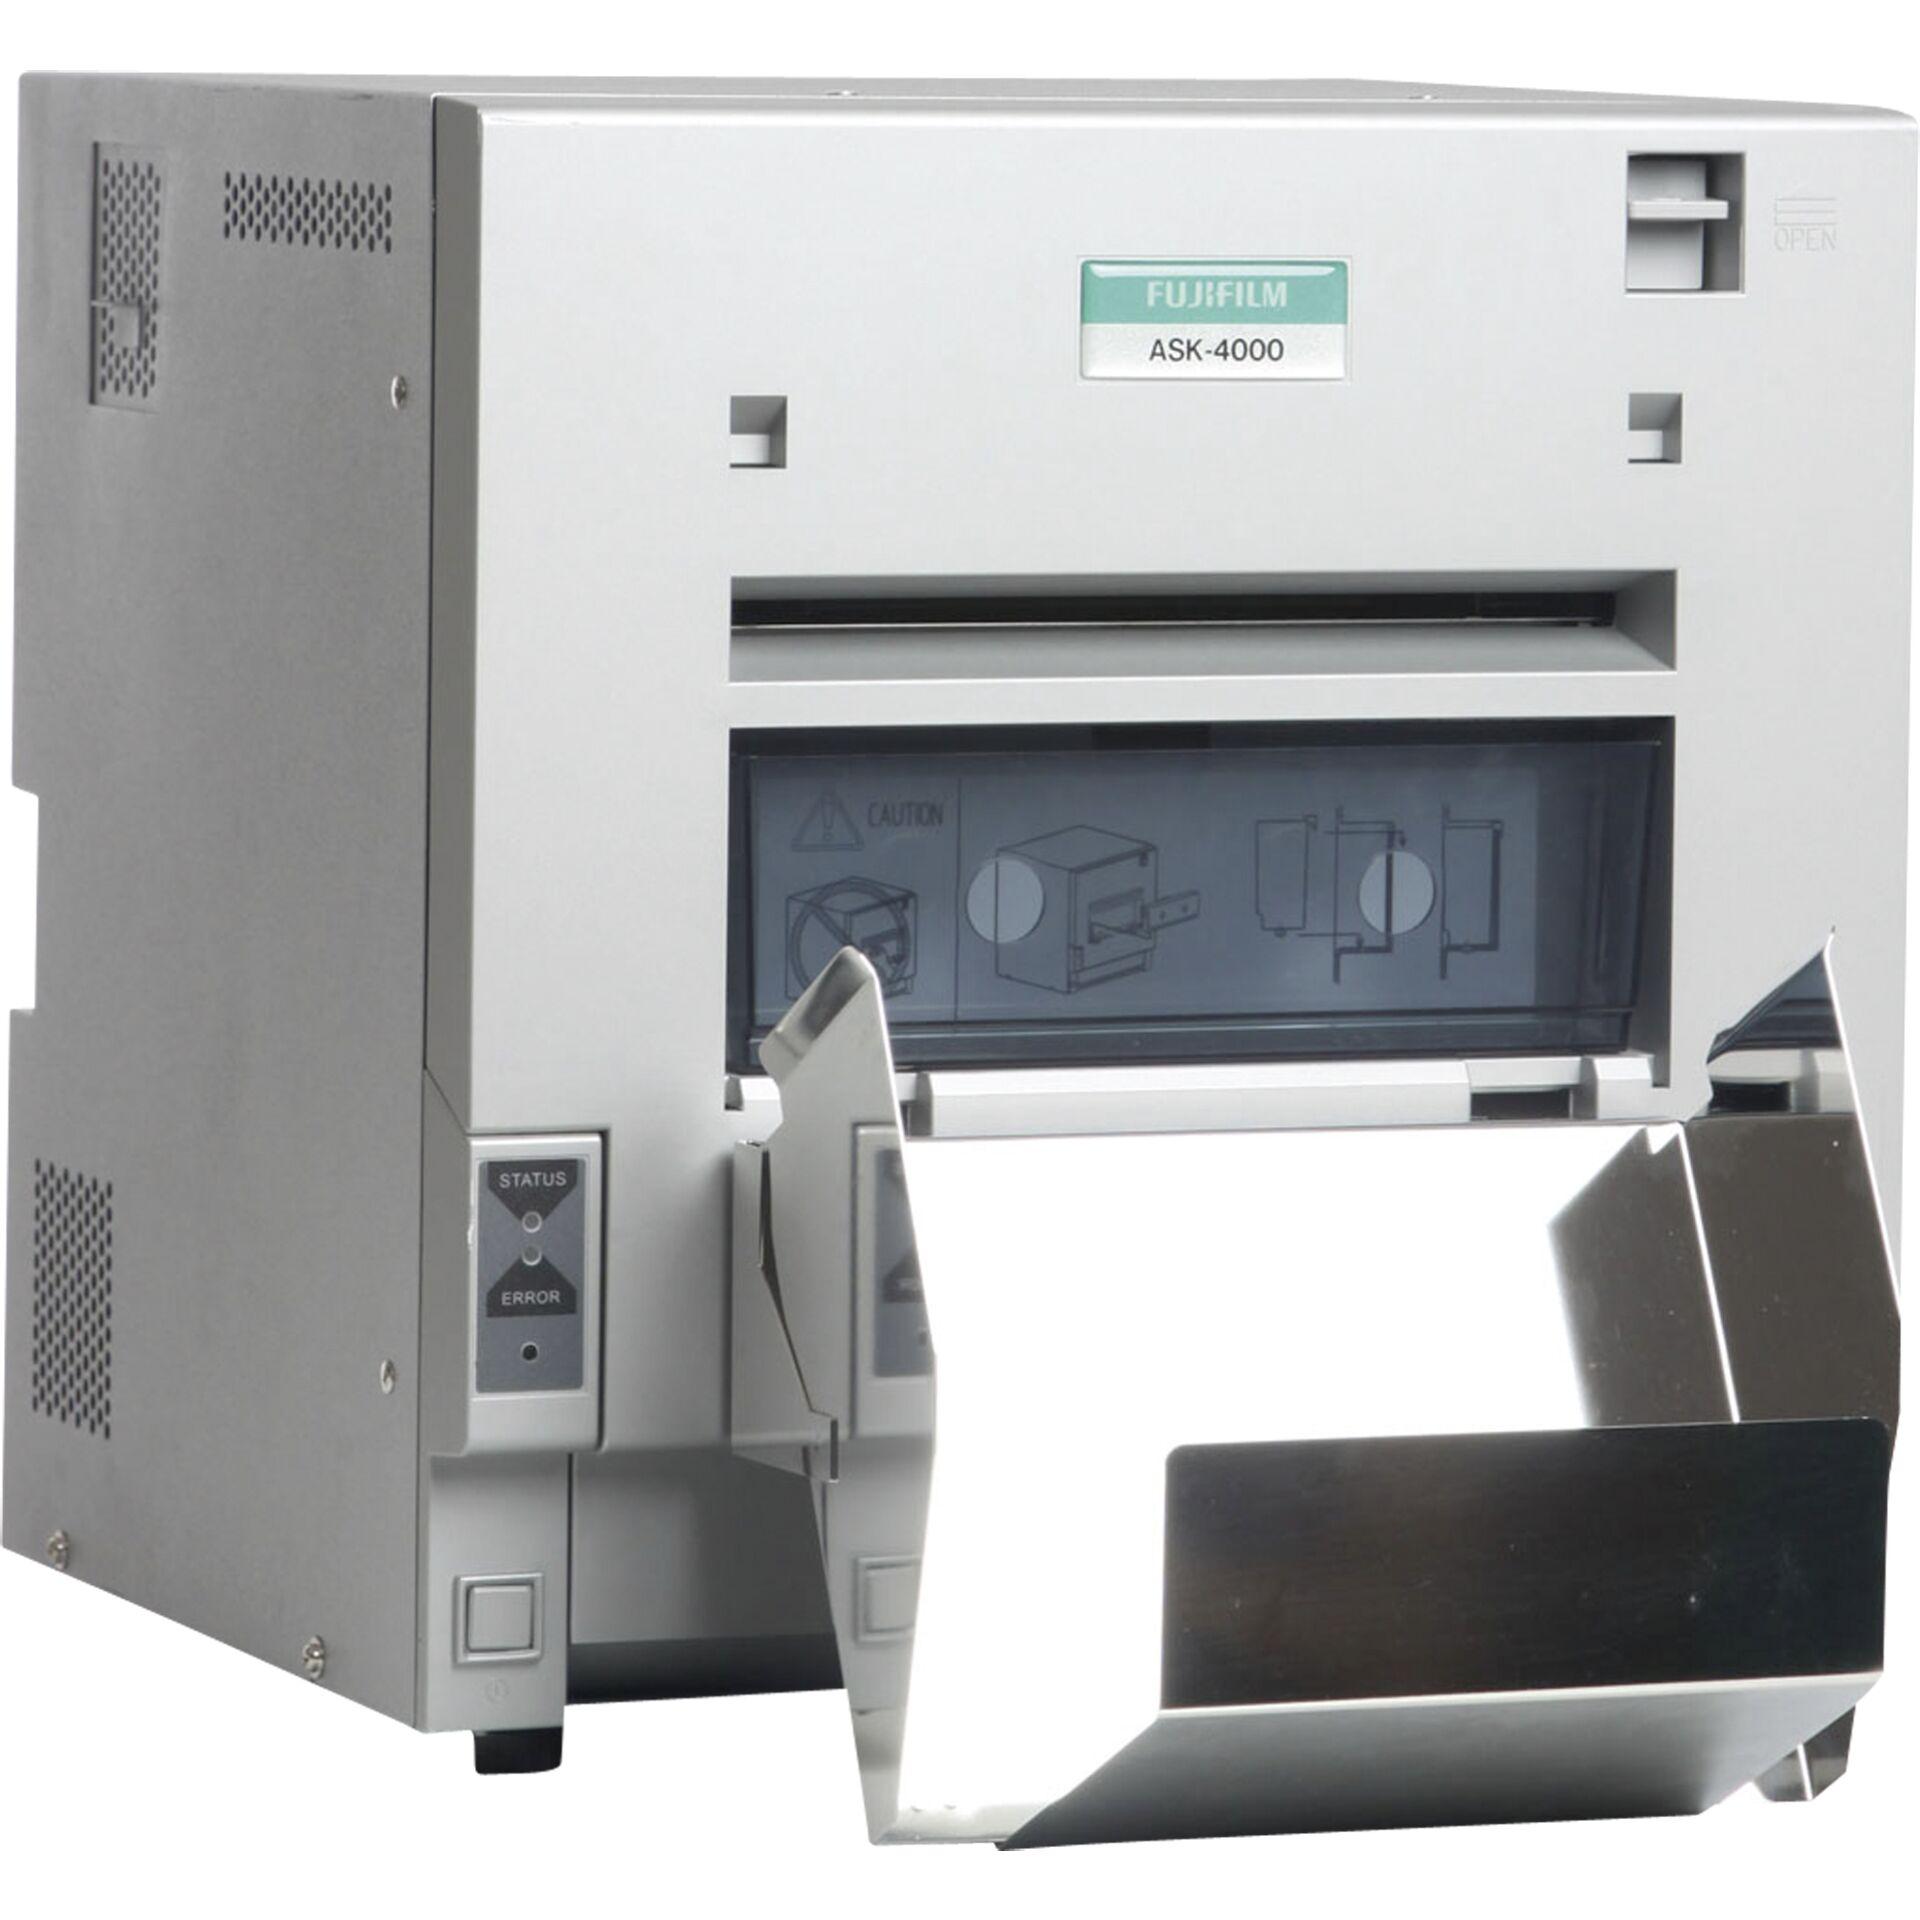 Fujifilm ASK-4000 K